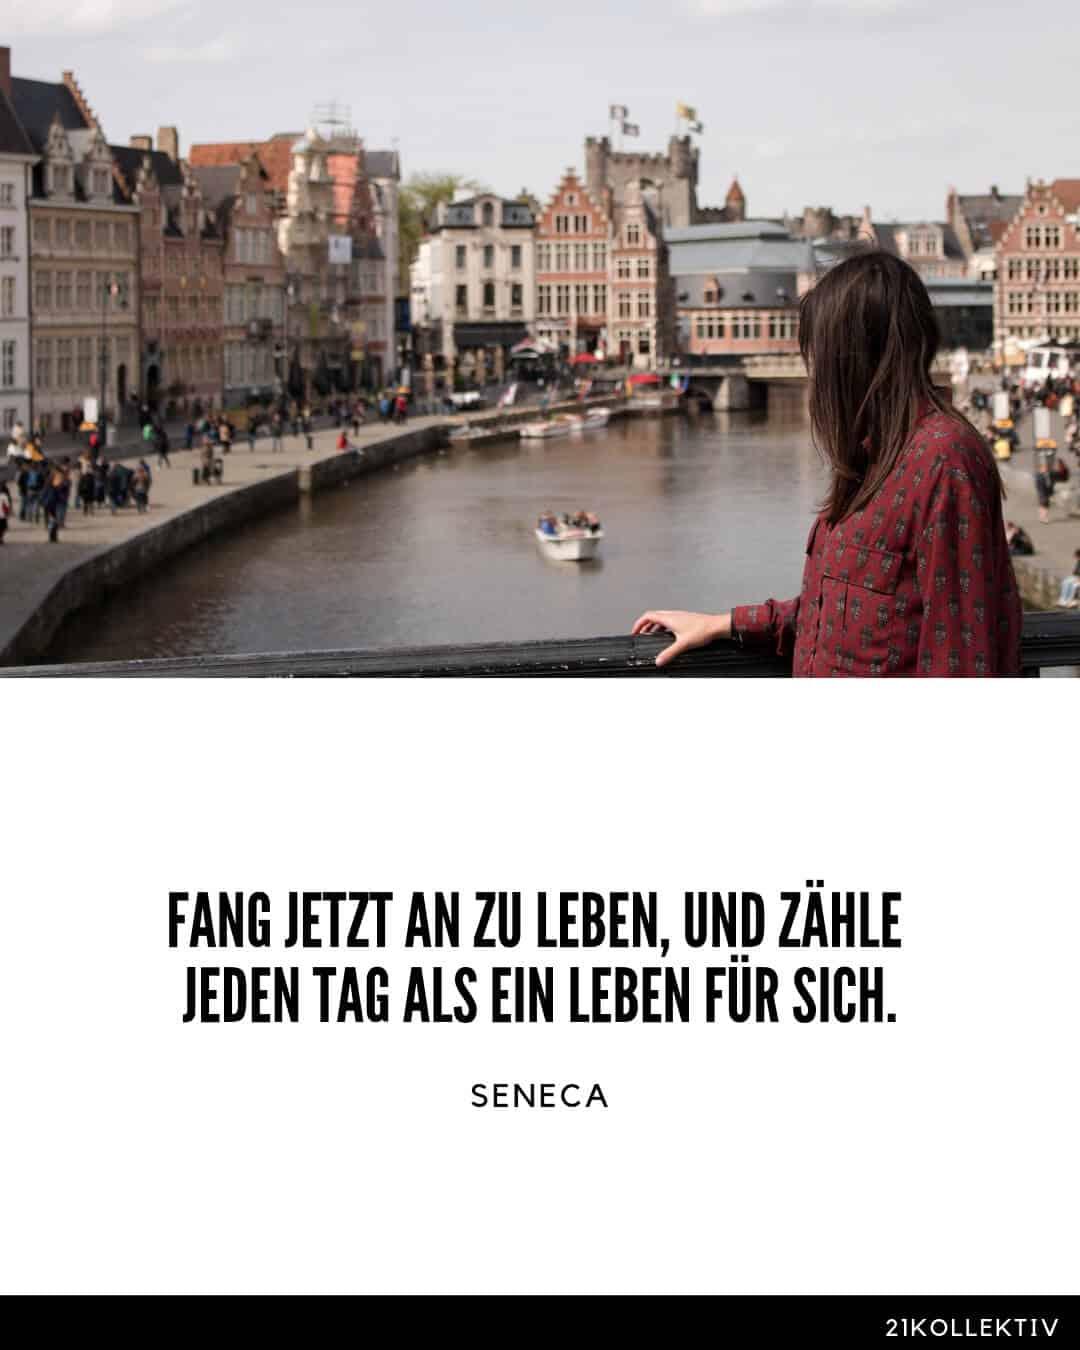 Fang jetzt an zu leben, und zähle jeden Tag als ein Leben für sich. Seneca Lebensweisheiten